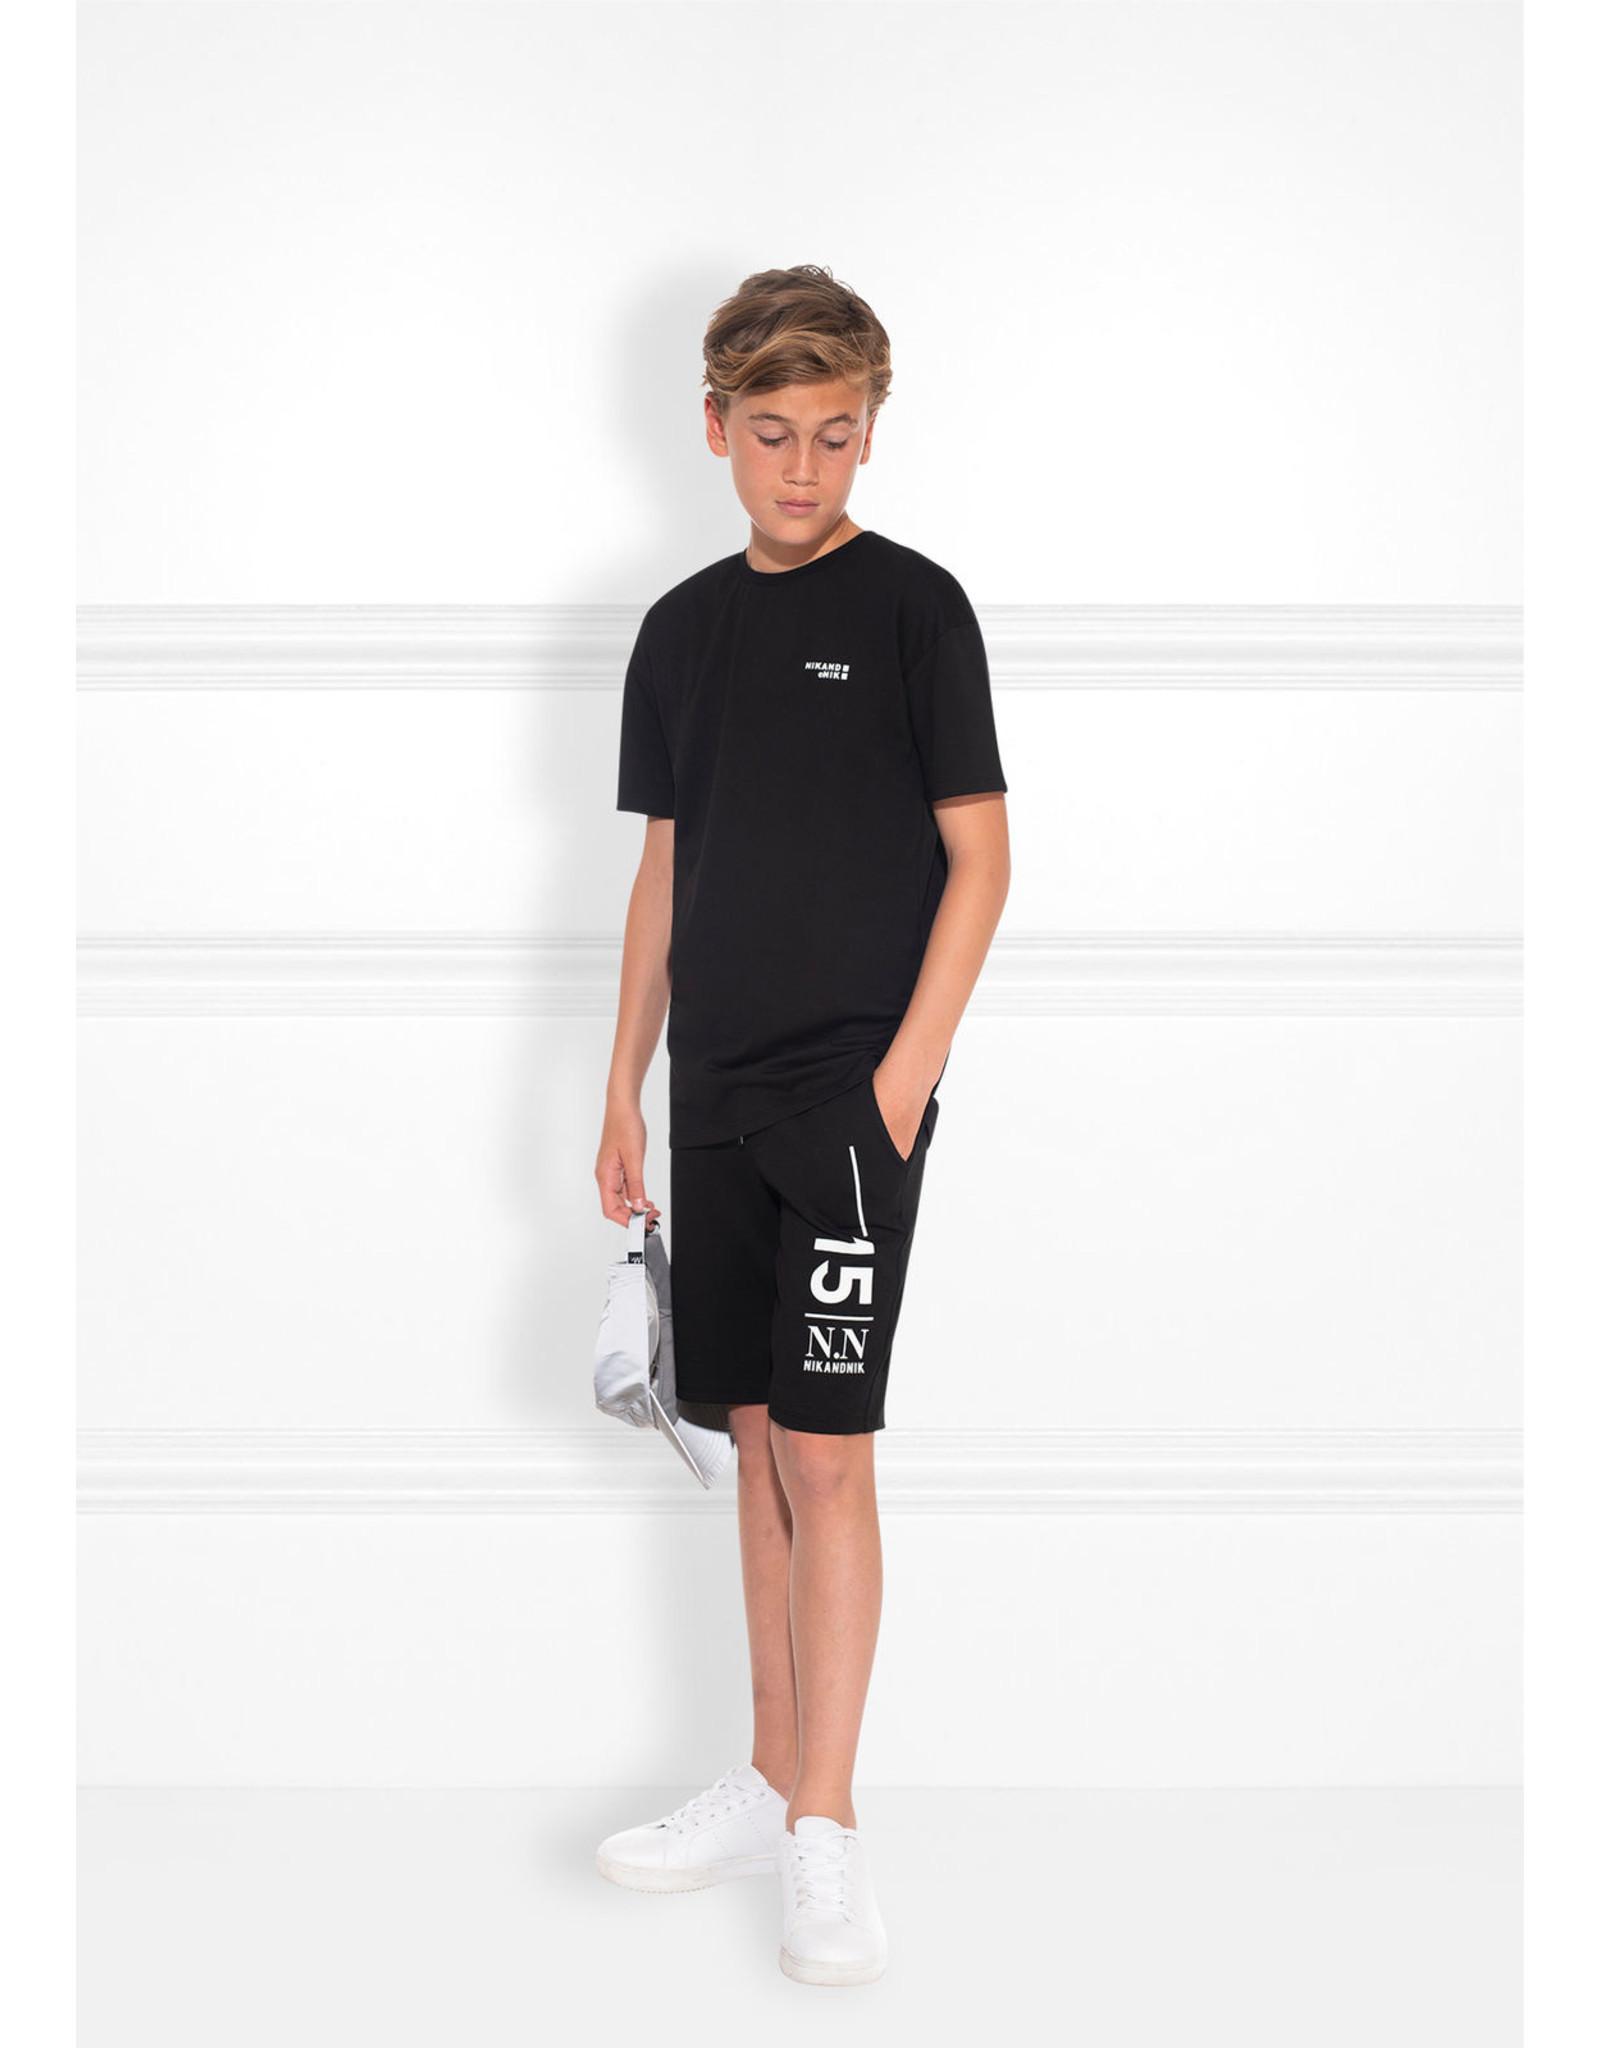 Nik&Nik NIK&NIK-Lex Shorts Black mt 140